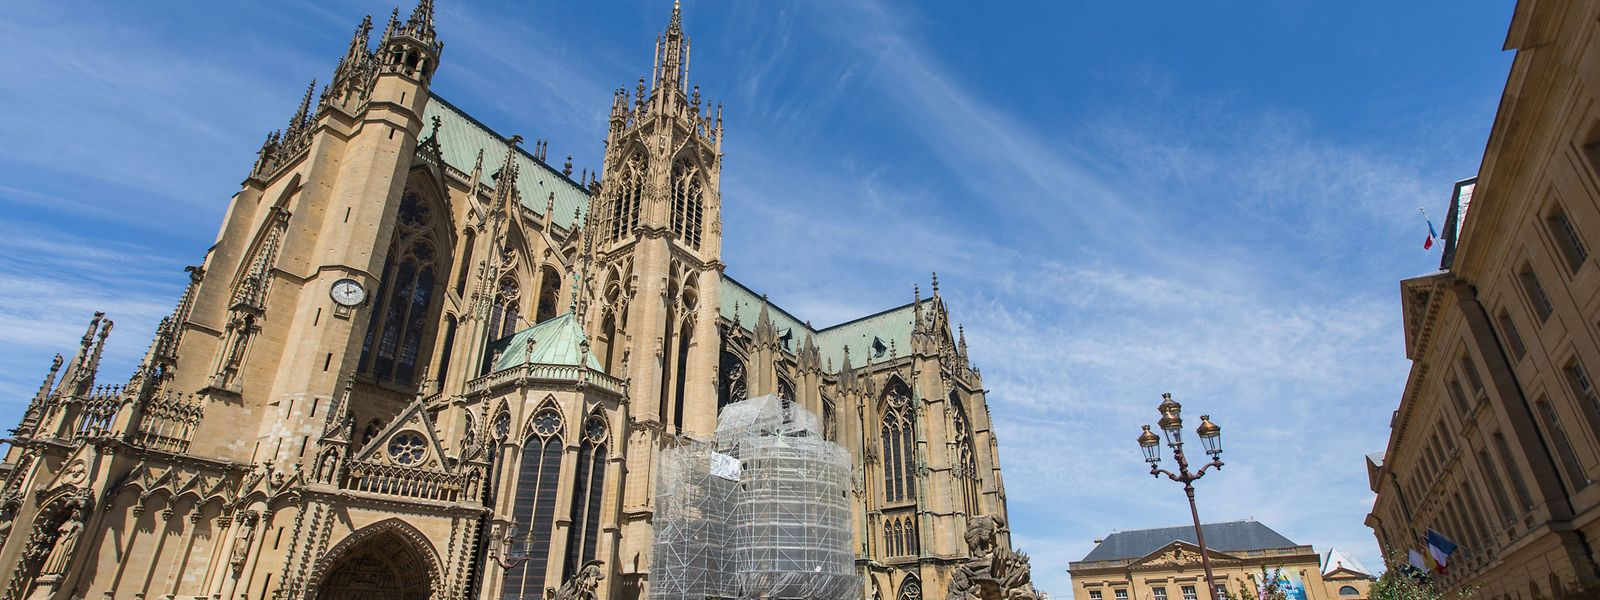 Au pied de la cathédrale de Metz, sur le marché, masque de rigueur dès le mardi 11 août.